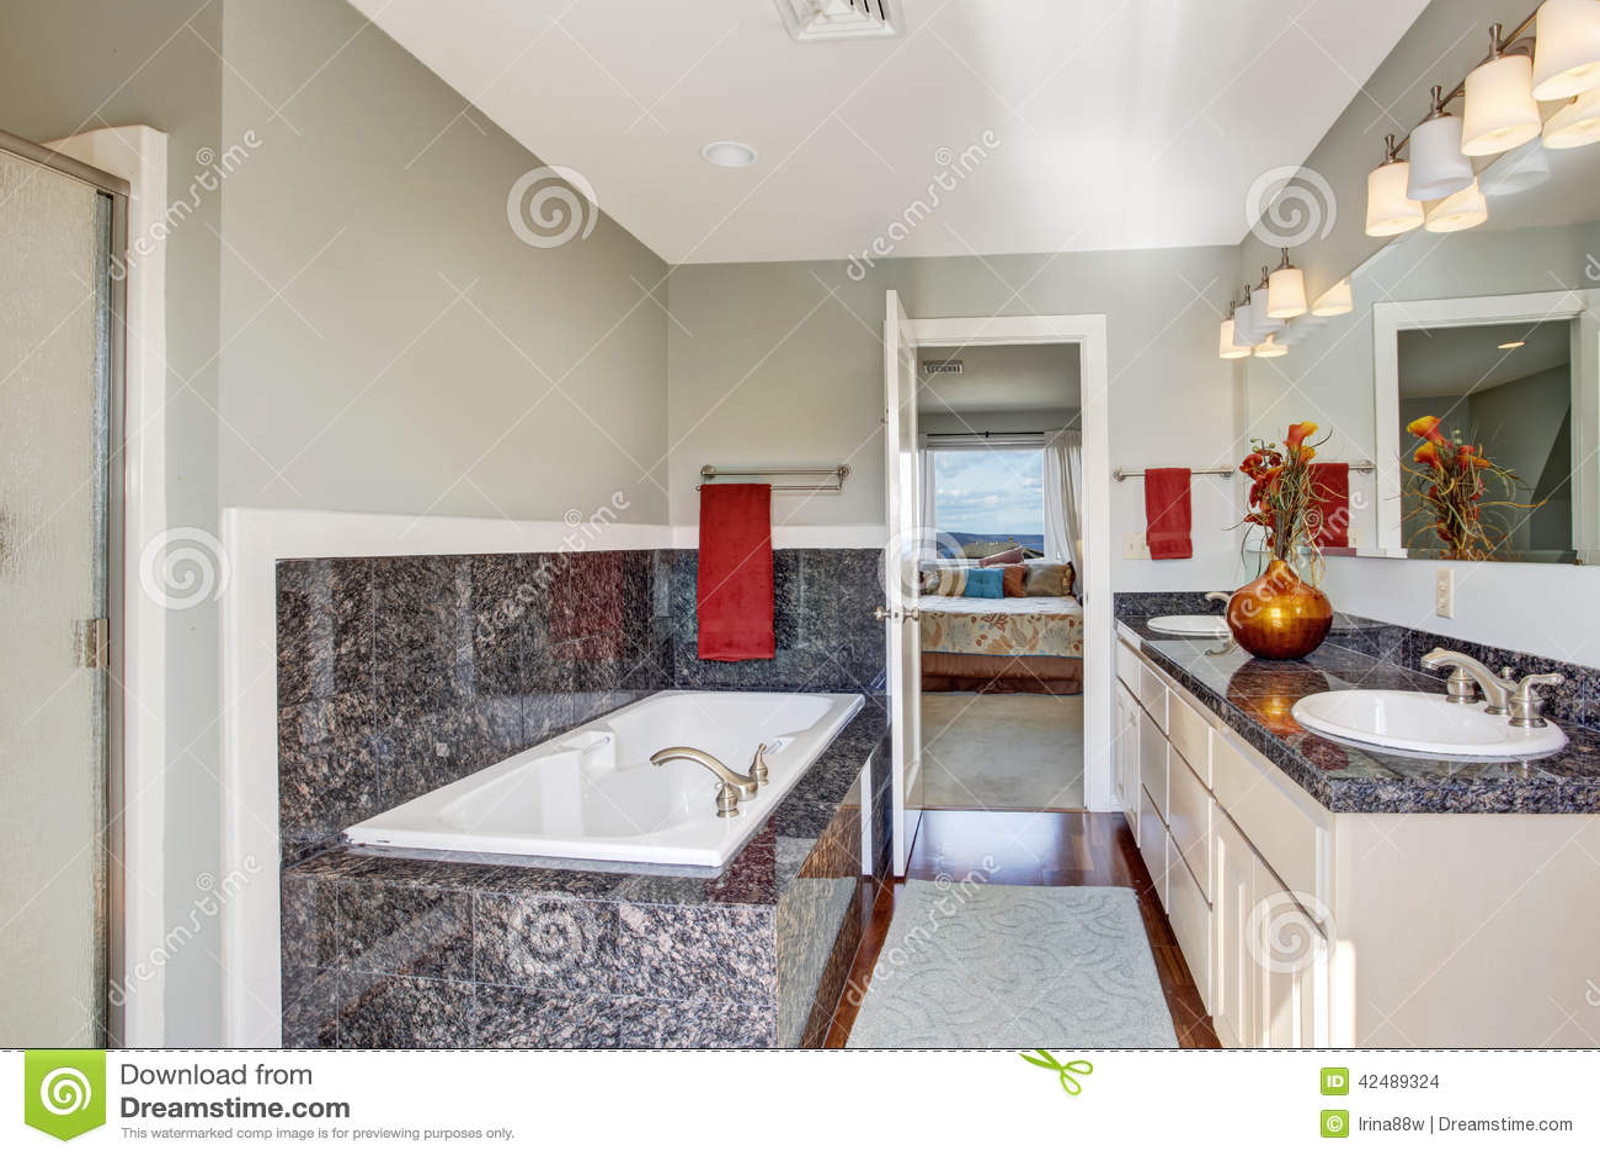 Interno Moderno Del Bagno In Camera Da Letto Principale Fotografia Stock - Immagine: 42489324